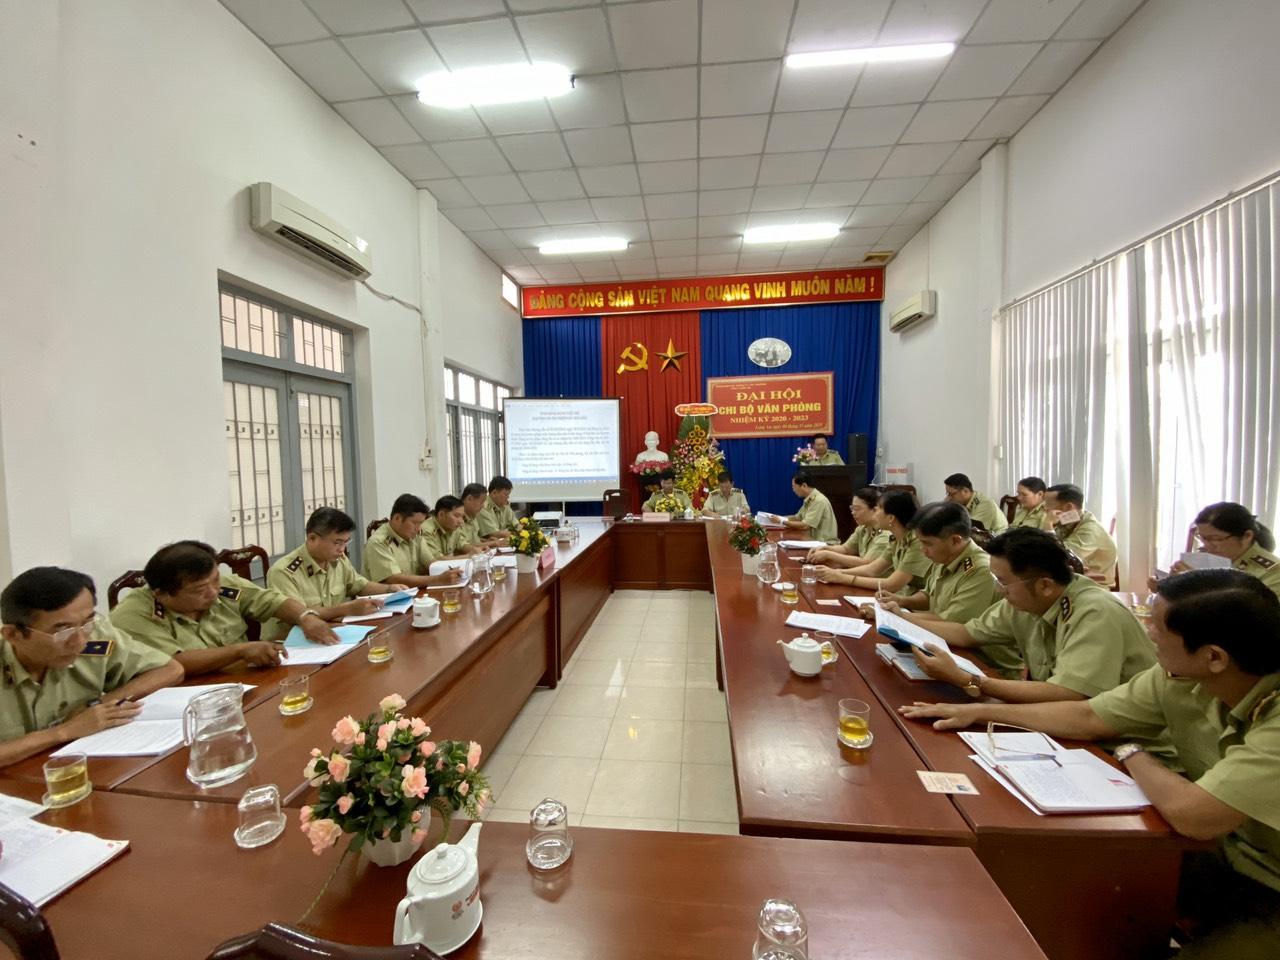 Đại hội Chi bộ Văn phòng Cục Quản lý thị trường tỉnh Long An nhiệm kỳ 2020-2023